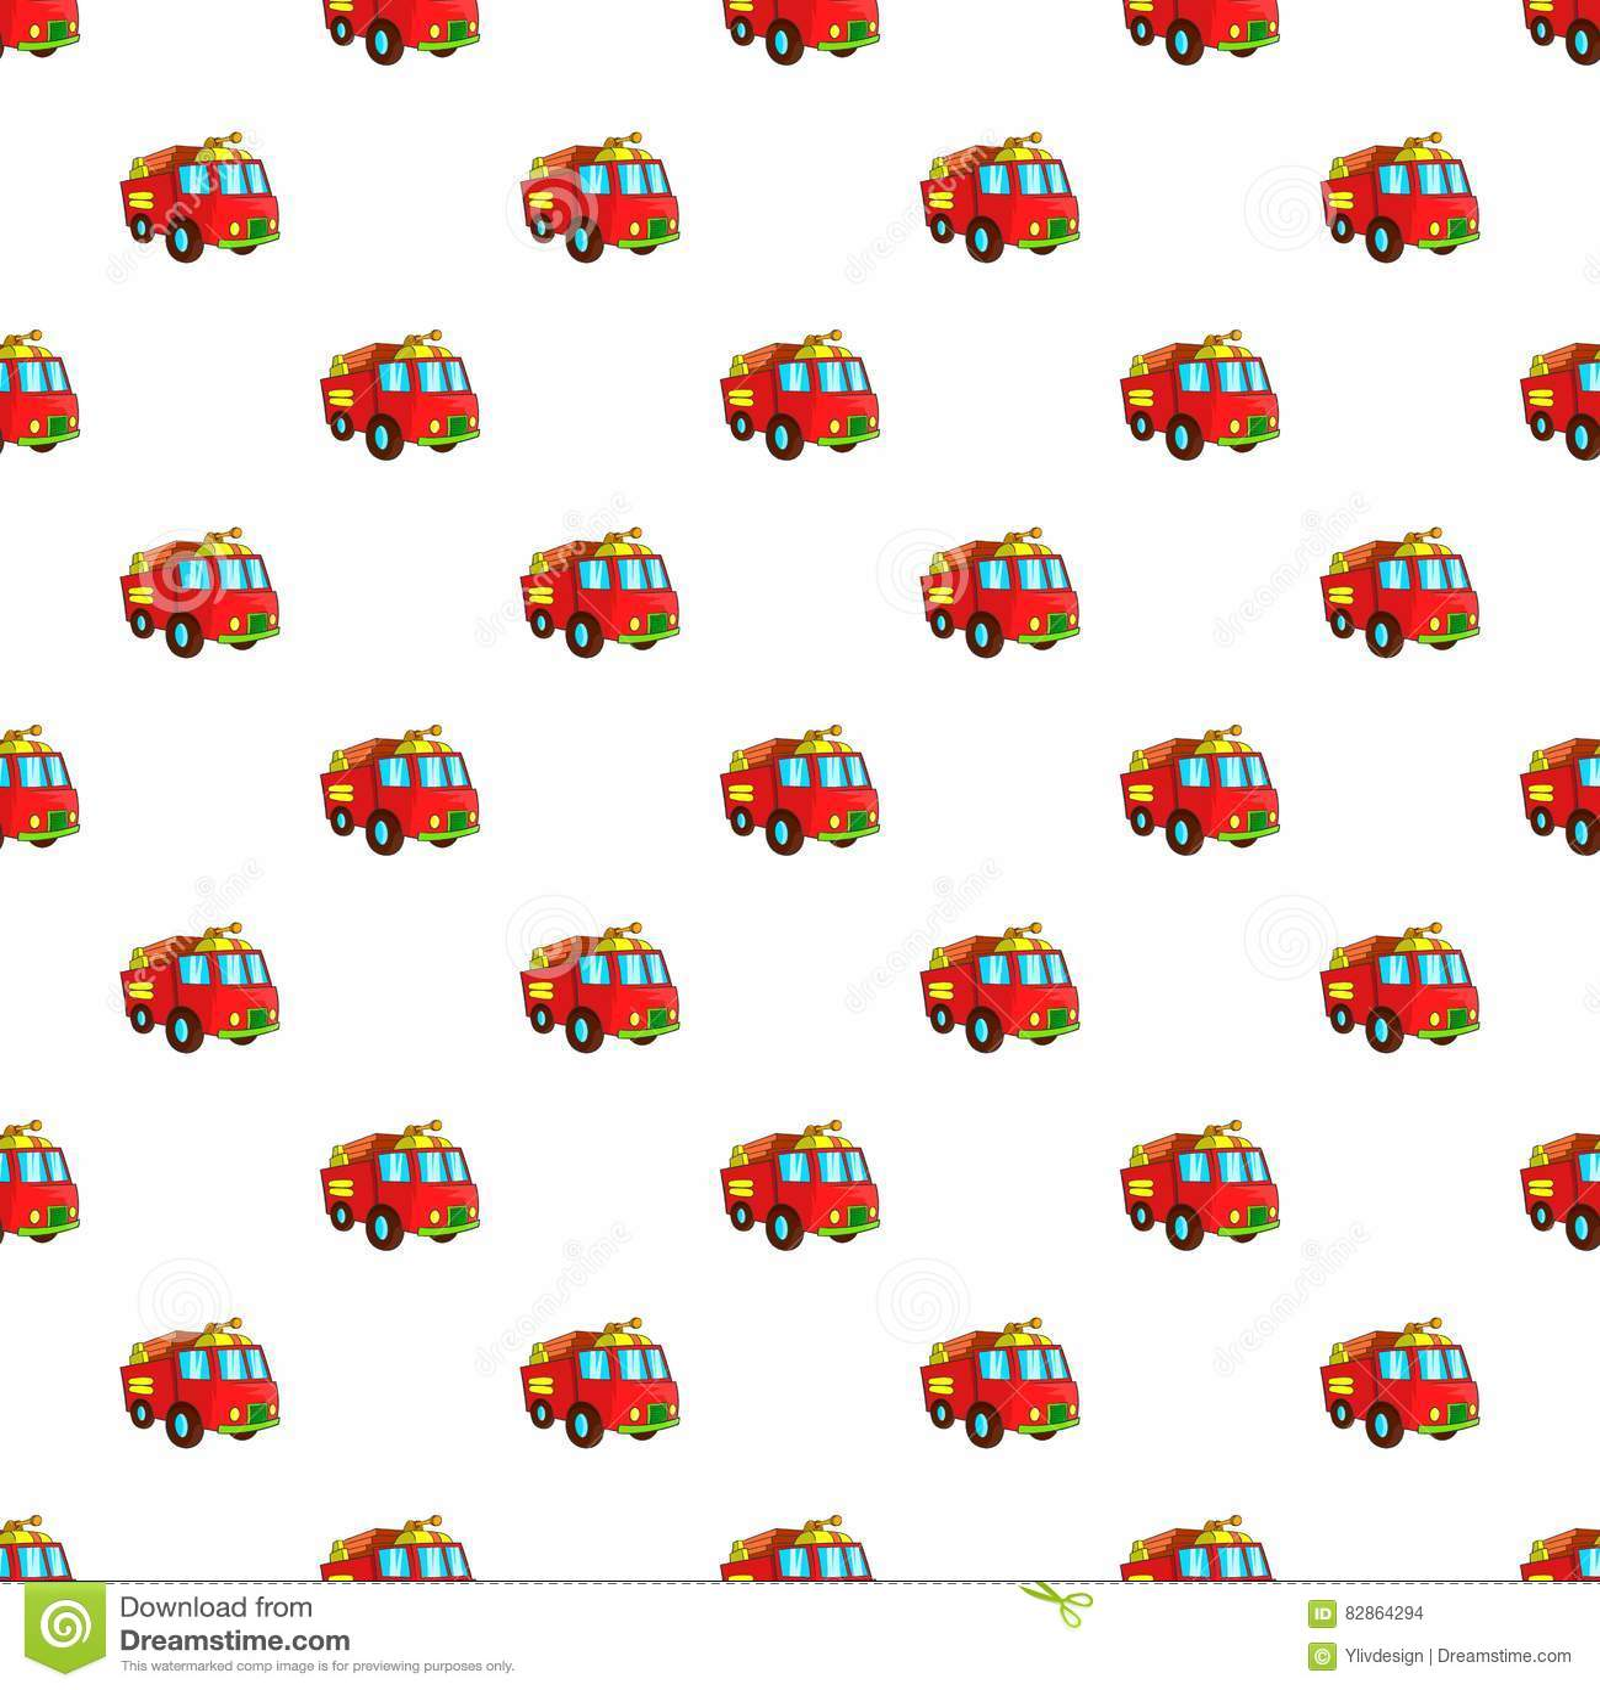 fire truck pattern cartoon style stock vector illustration of